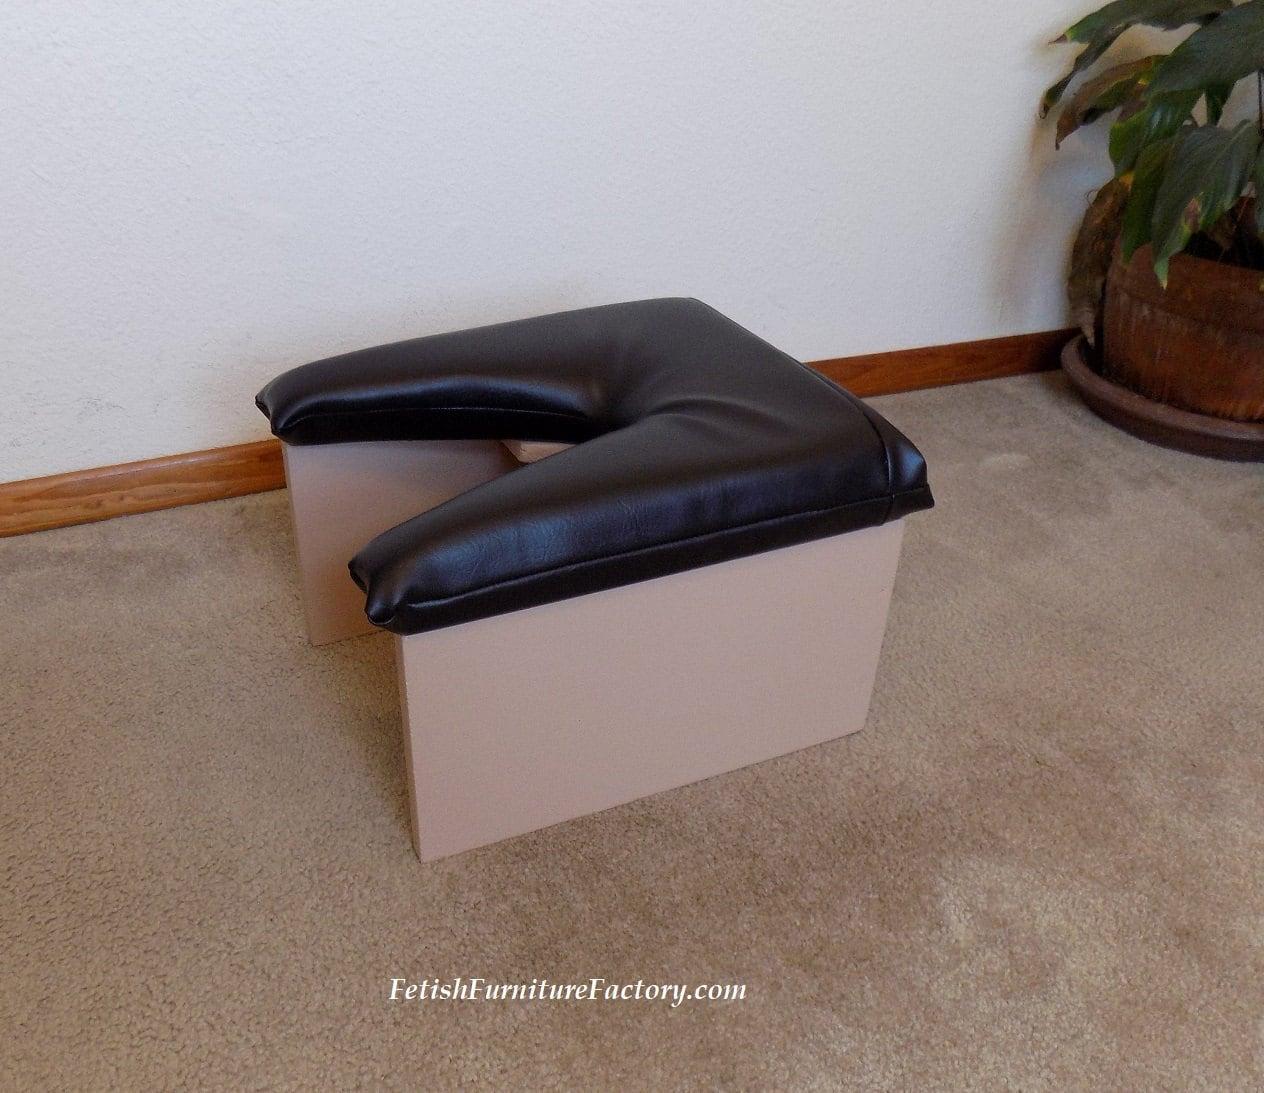 Rim Seat - Smothering Stool